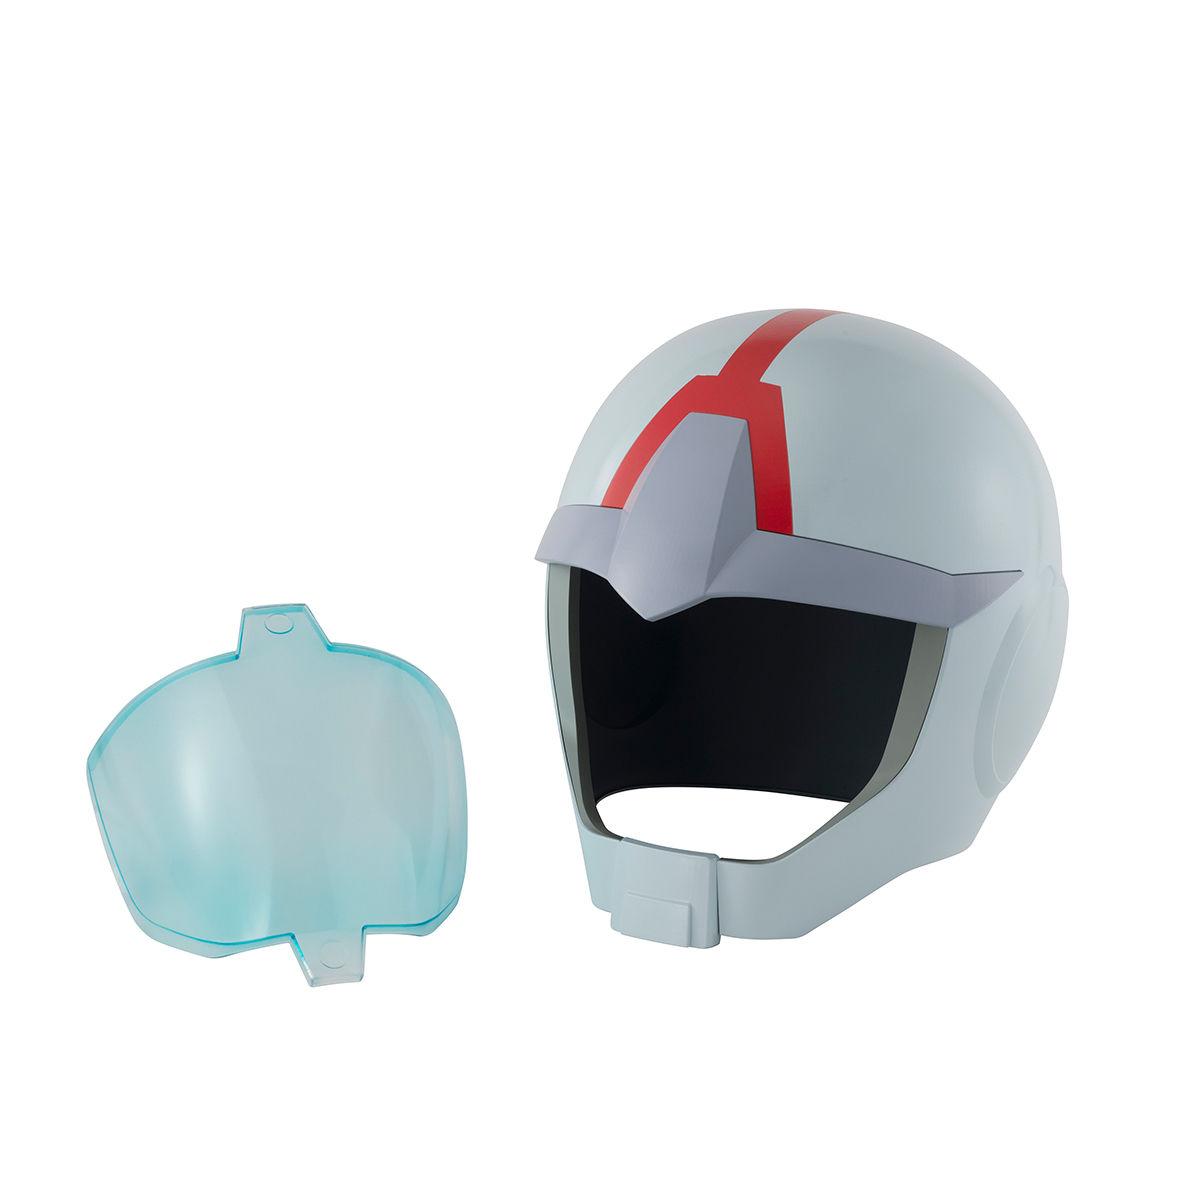 【限定販売】Full Scale Works『地球連邦軍ノーマルスーツ専用ヘルメット』機動戦士ガンダム ディスプレイモデル-002